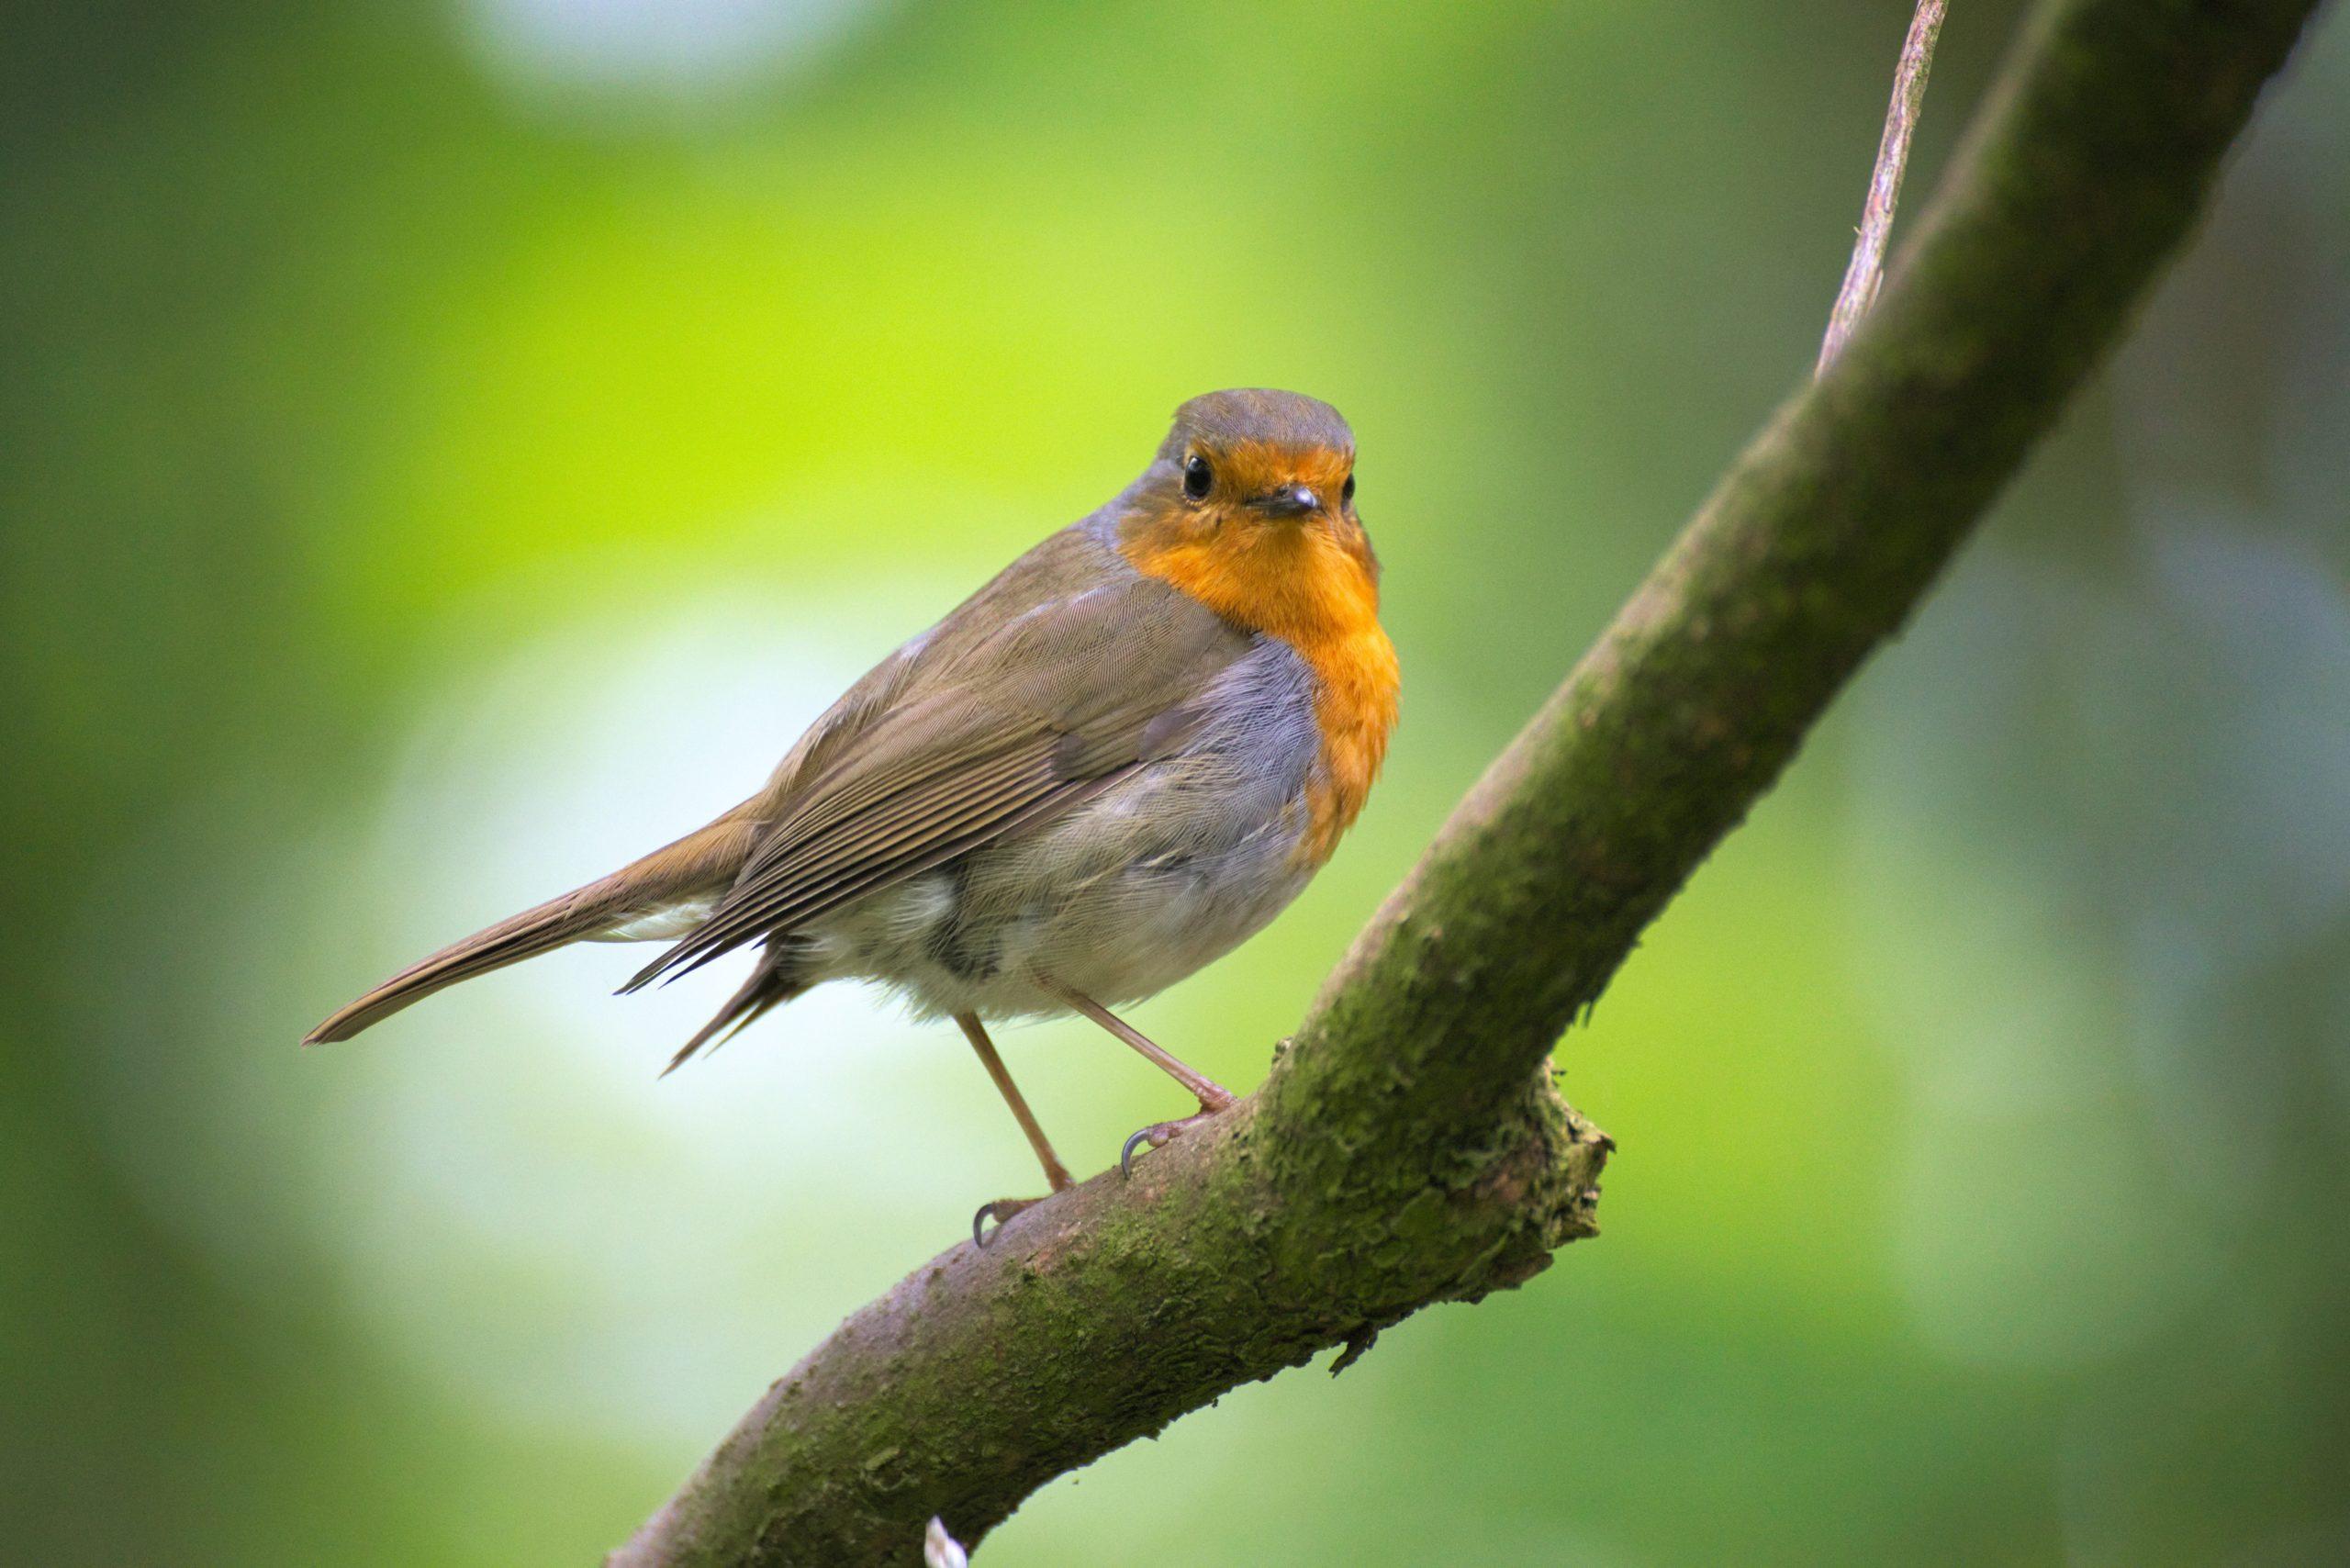 oiseau-sauvage-nature